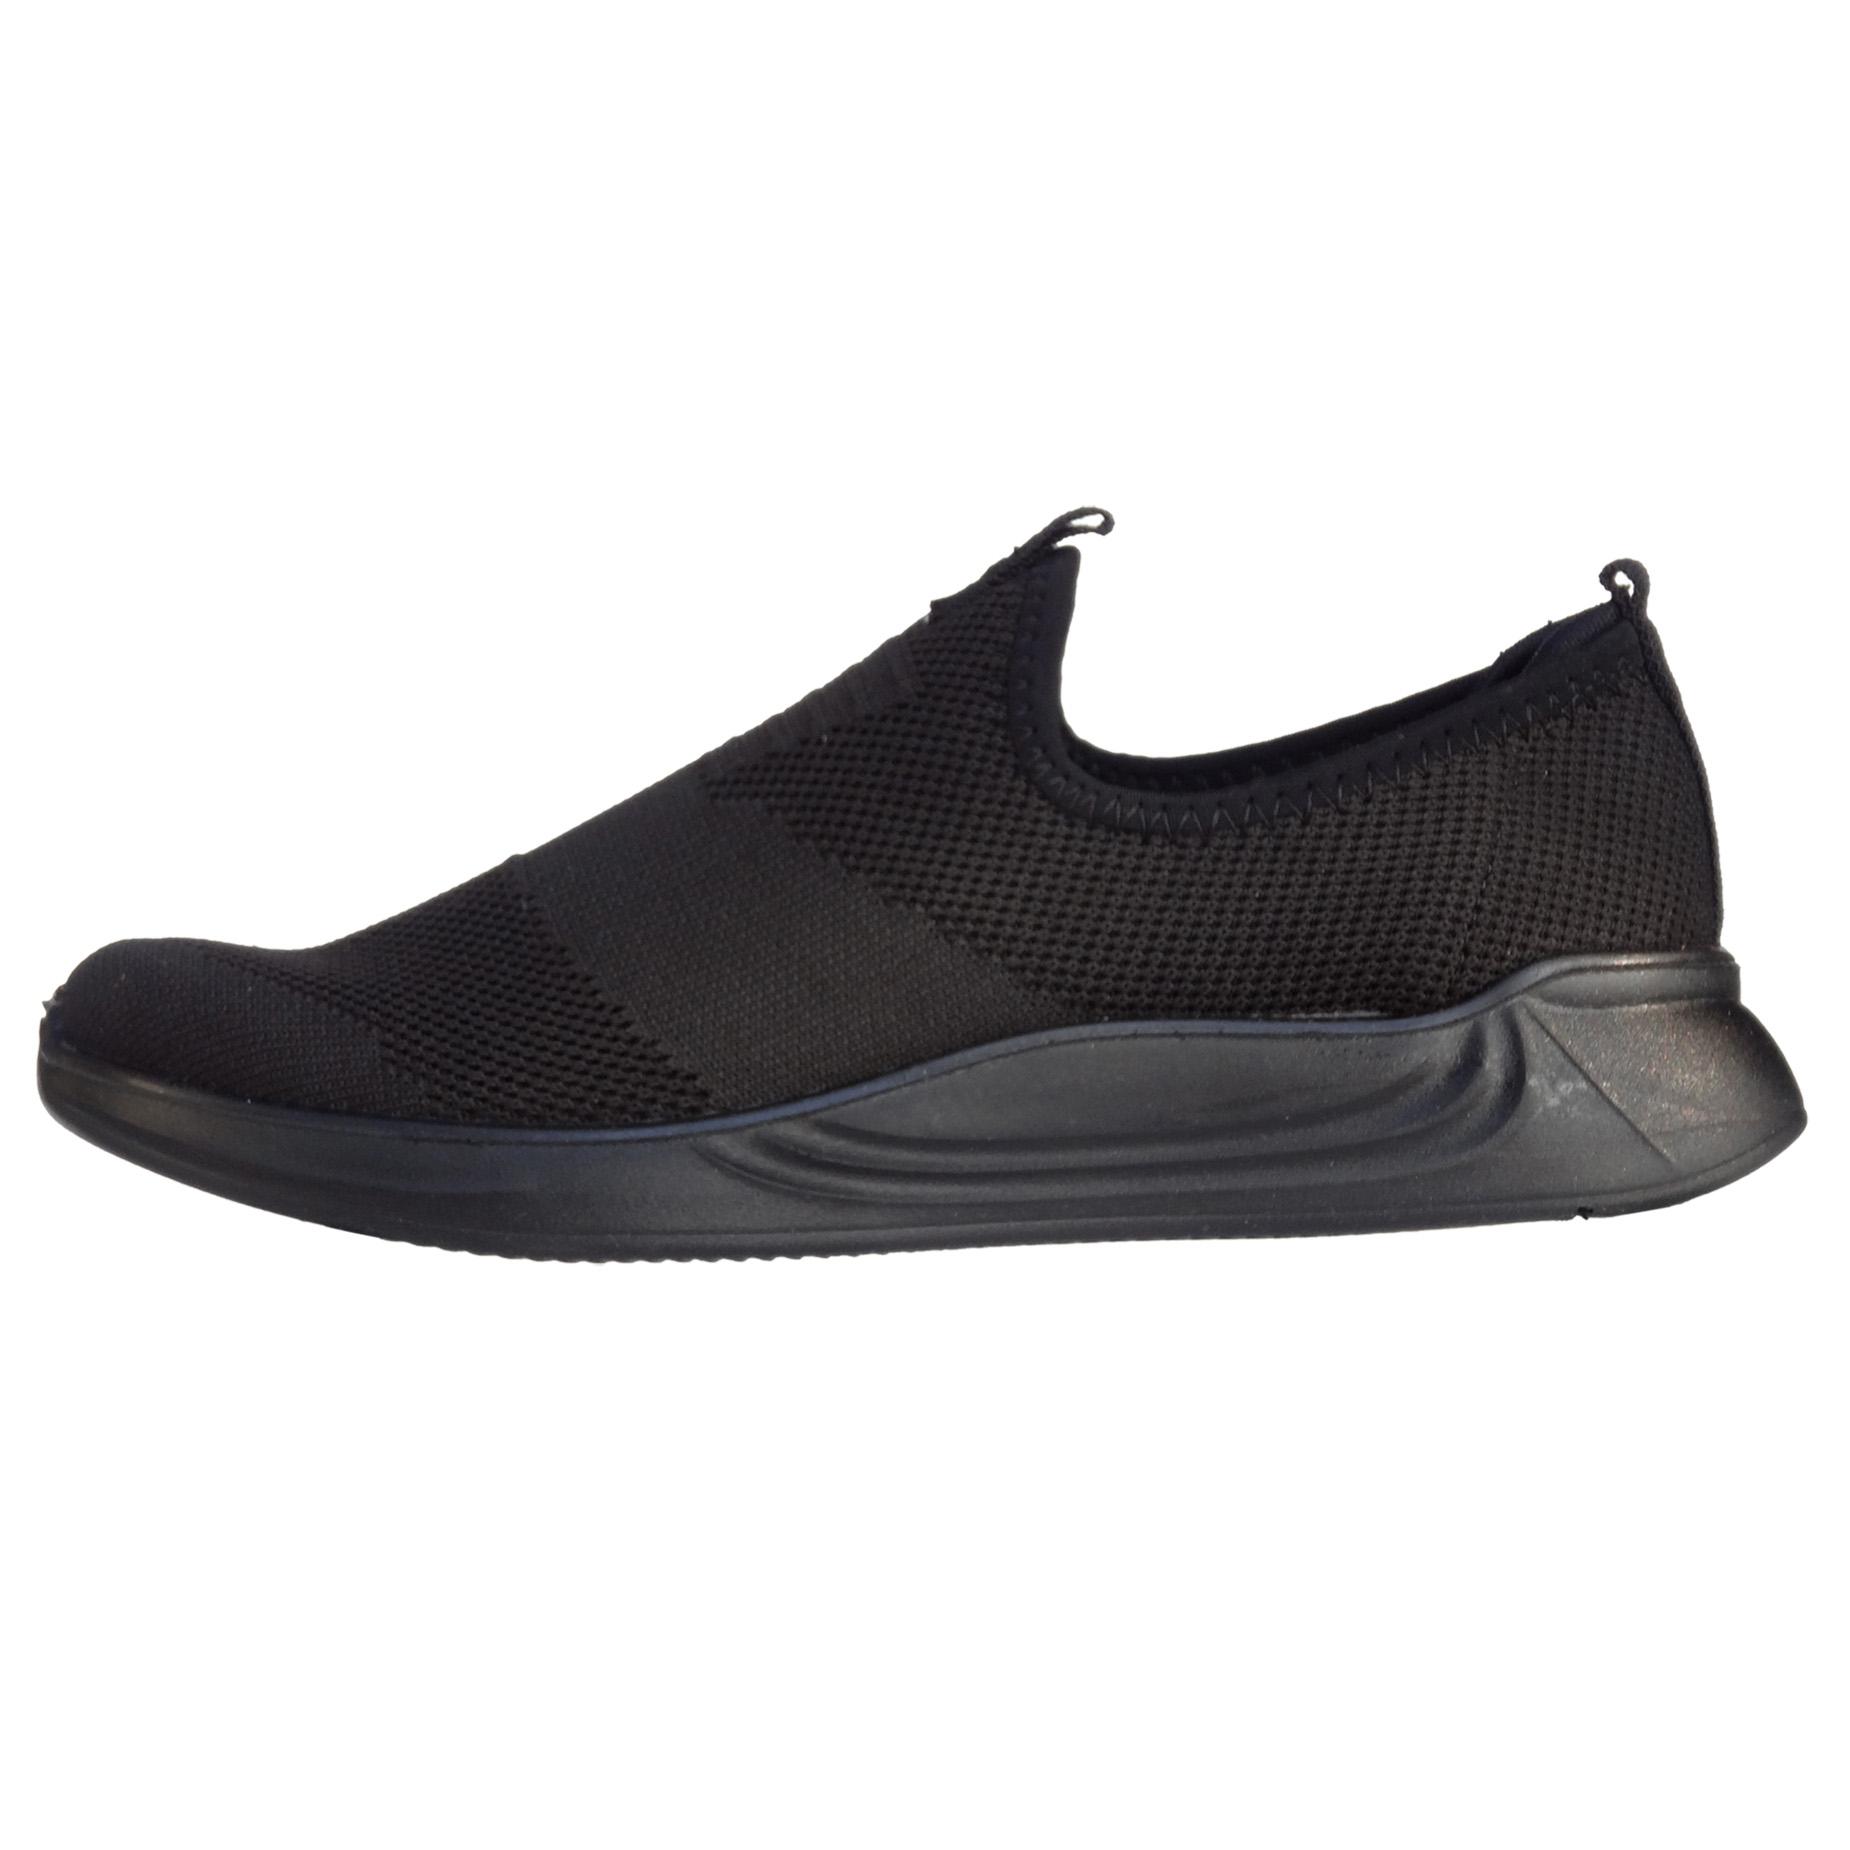 کفش راحتی مدل GO Walk کد 2015